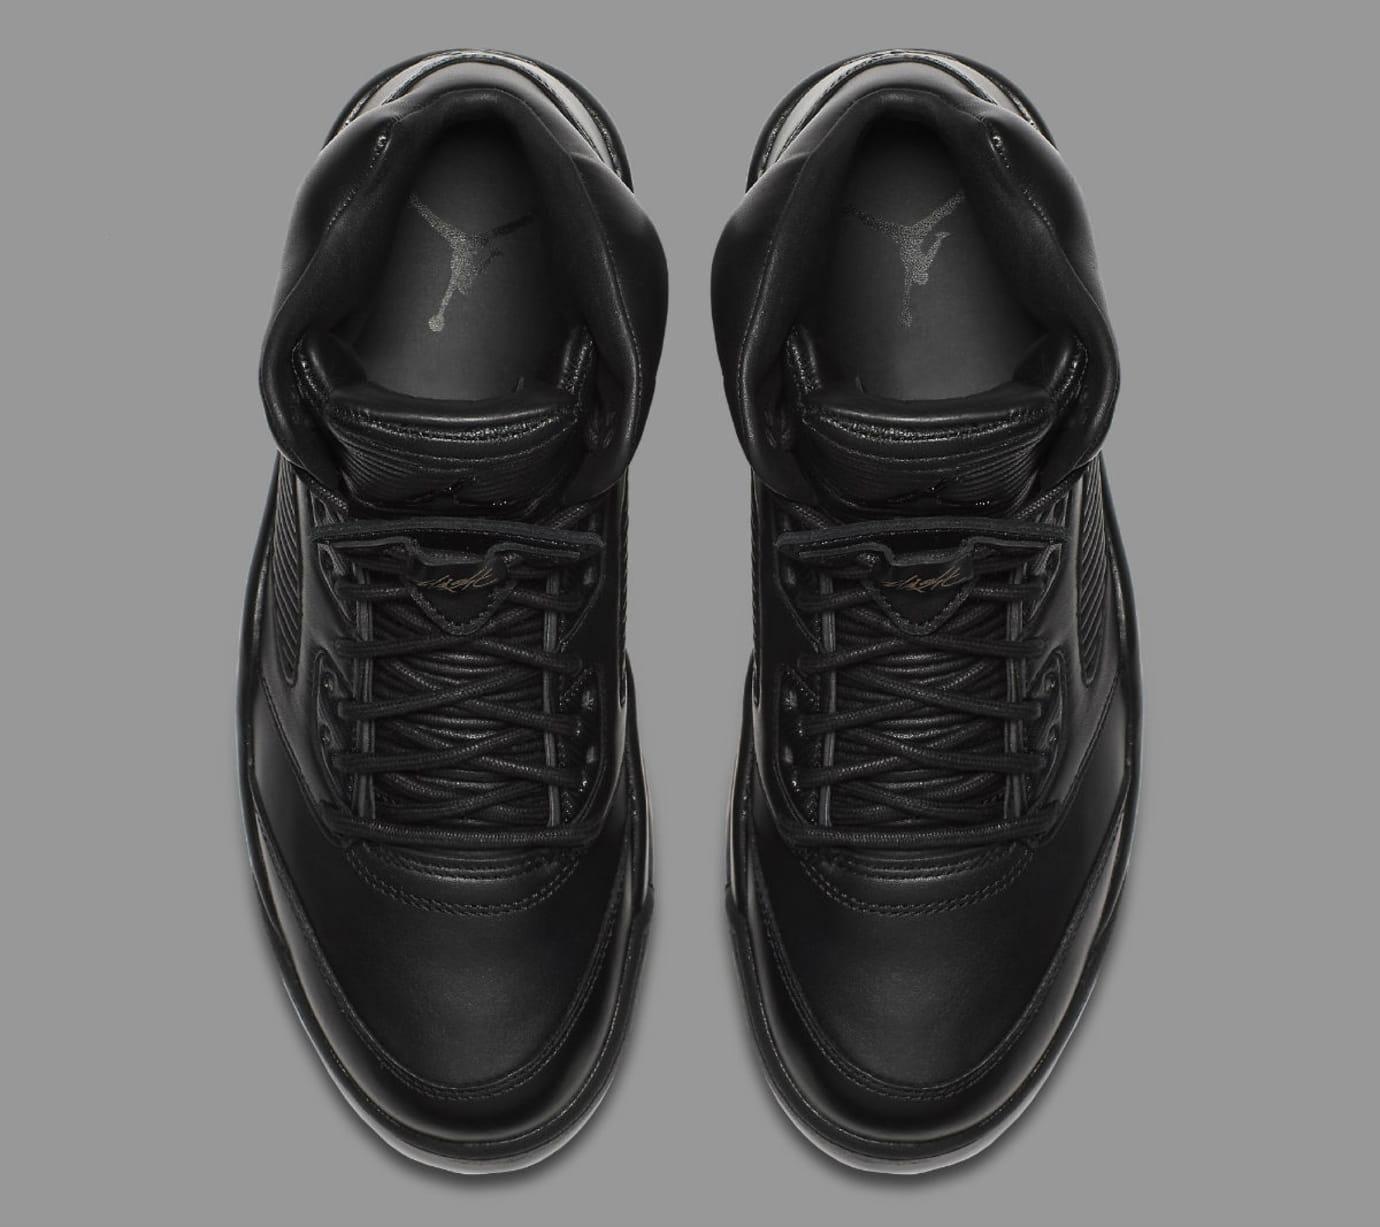 Air Jordan 5 Premium Black Release Date Top 881432-010